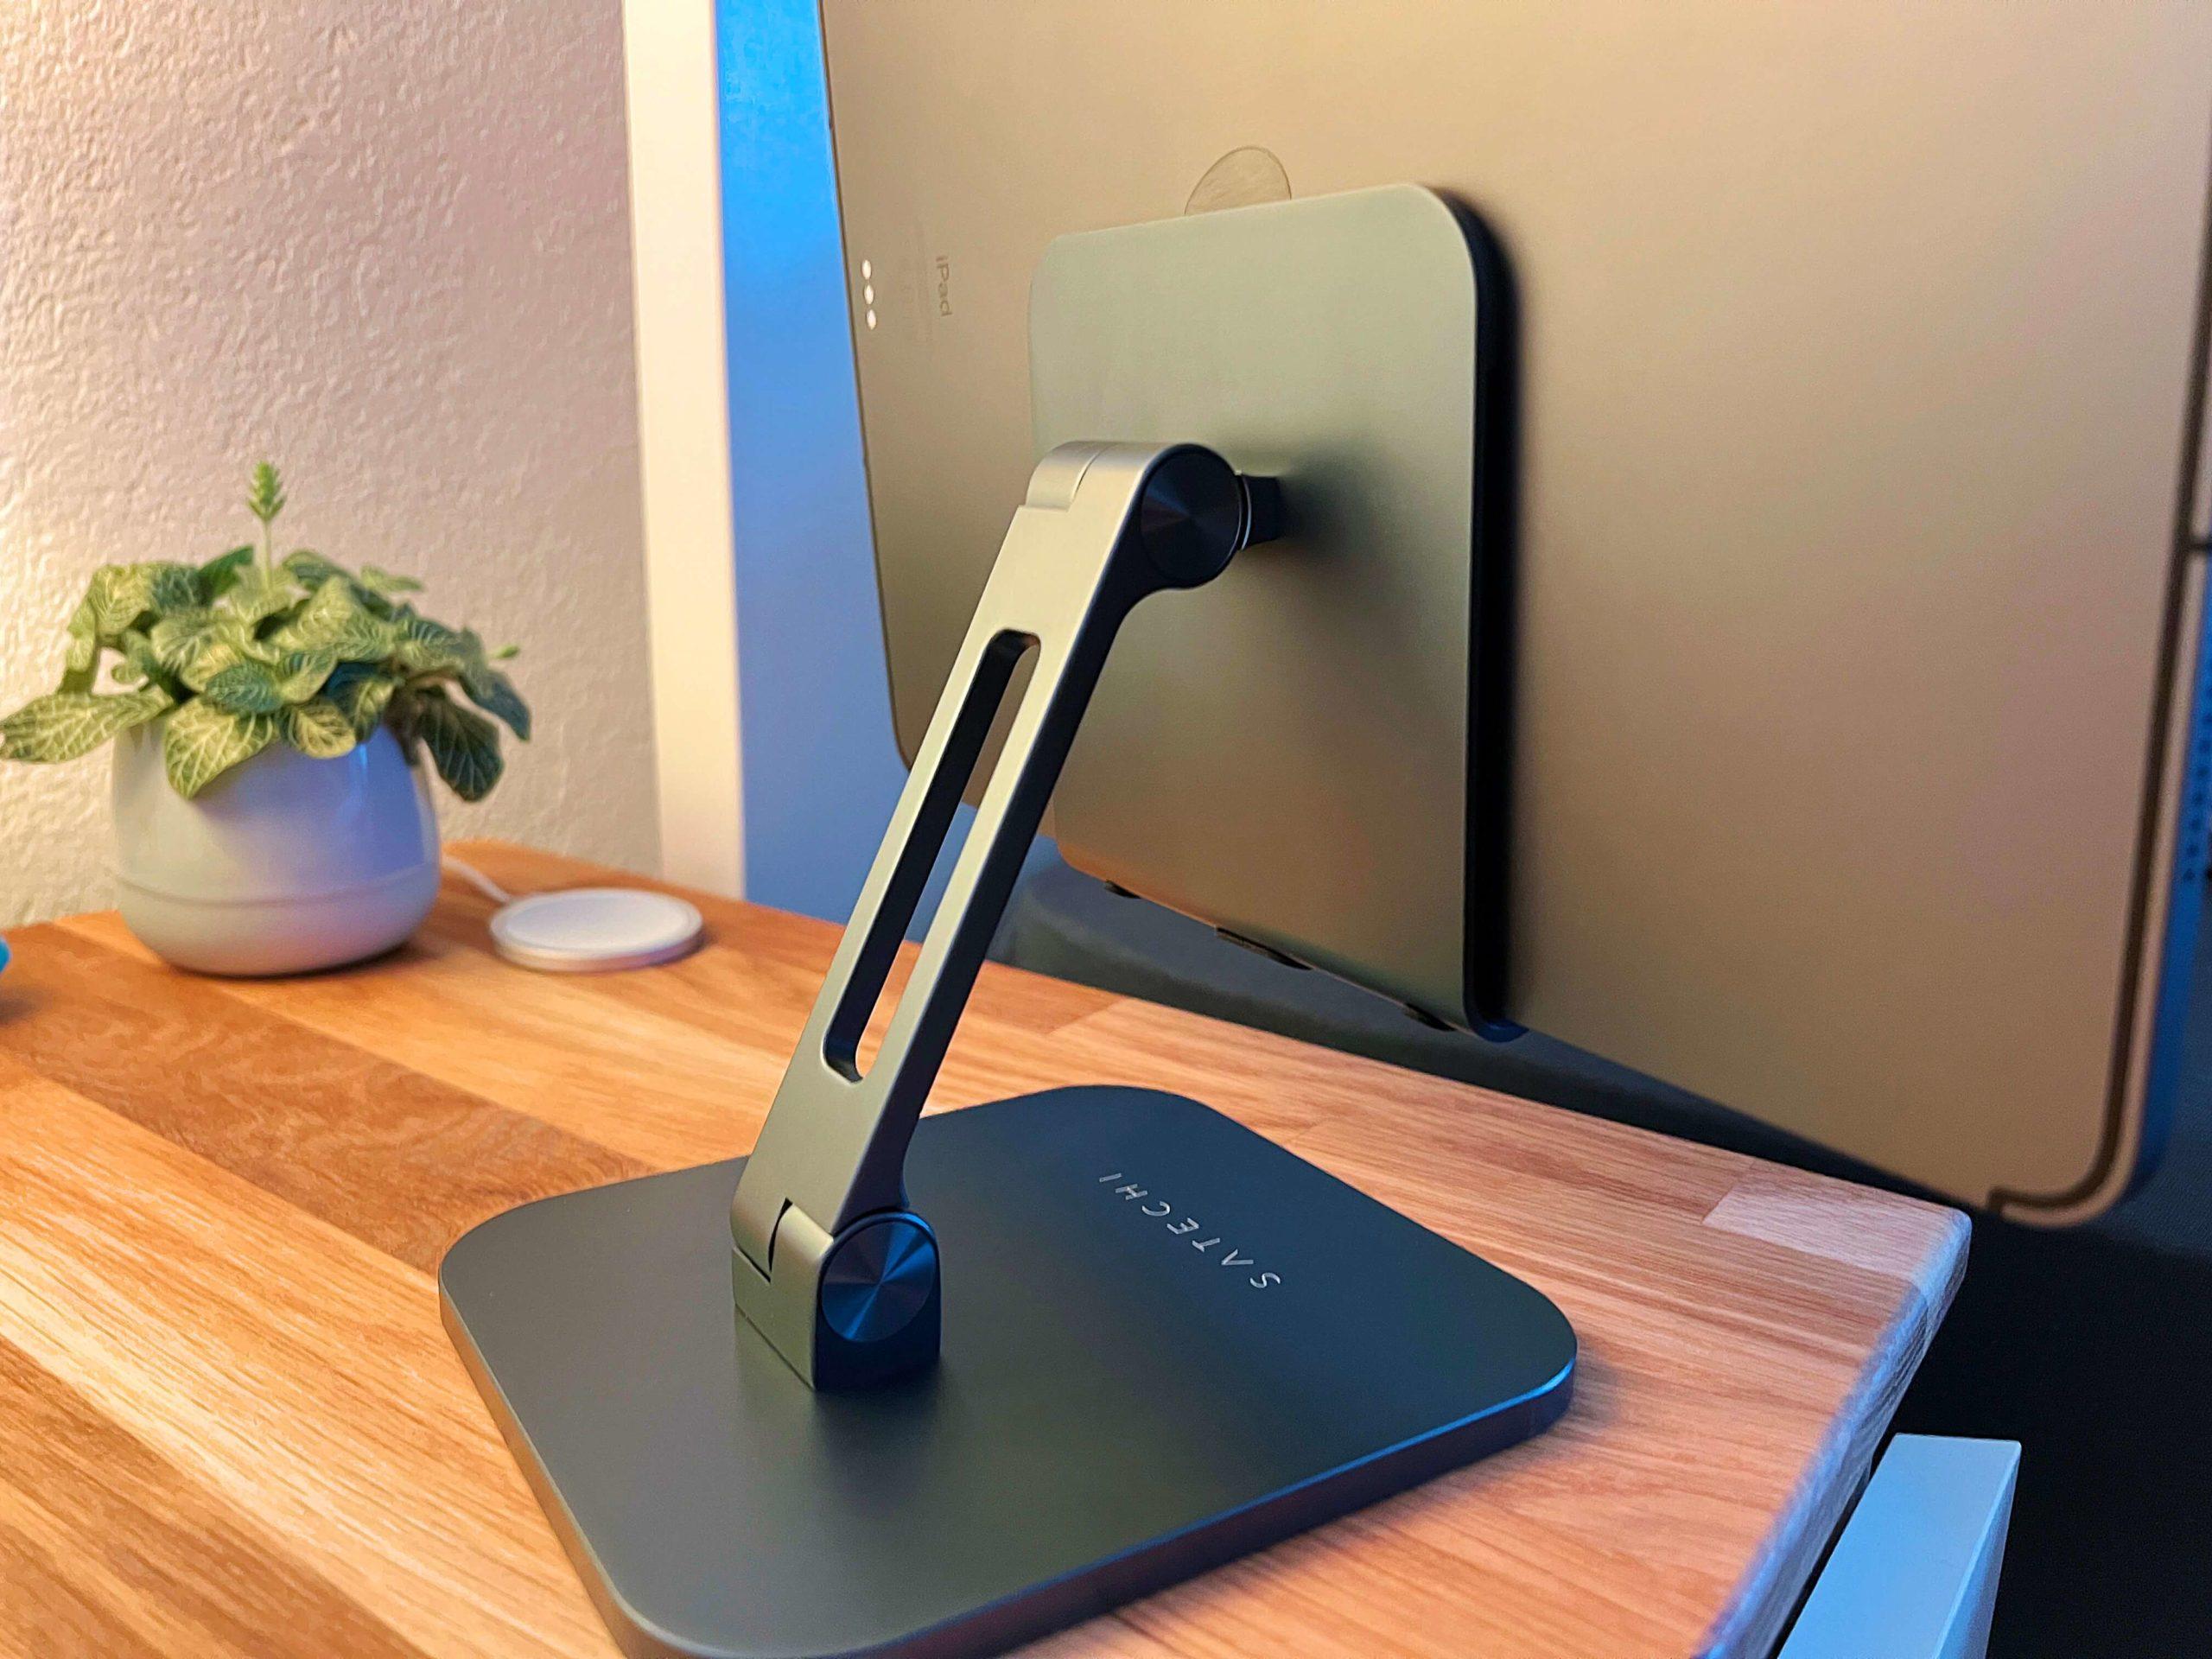 Aluminium-Desktop-Stand-fuer-jedes-iPad-von-Satechi-eine-Aufstellung-fuer-jeden-Betrachtungswinkel2-scaled Aluminium Desktop Stand für jedes iPad von Satechi - eine Aufstellung für jeden Betrachtungswinkel